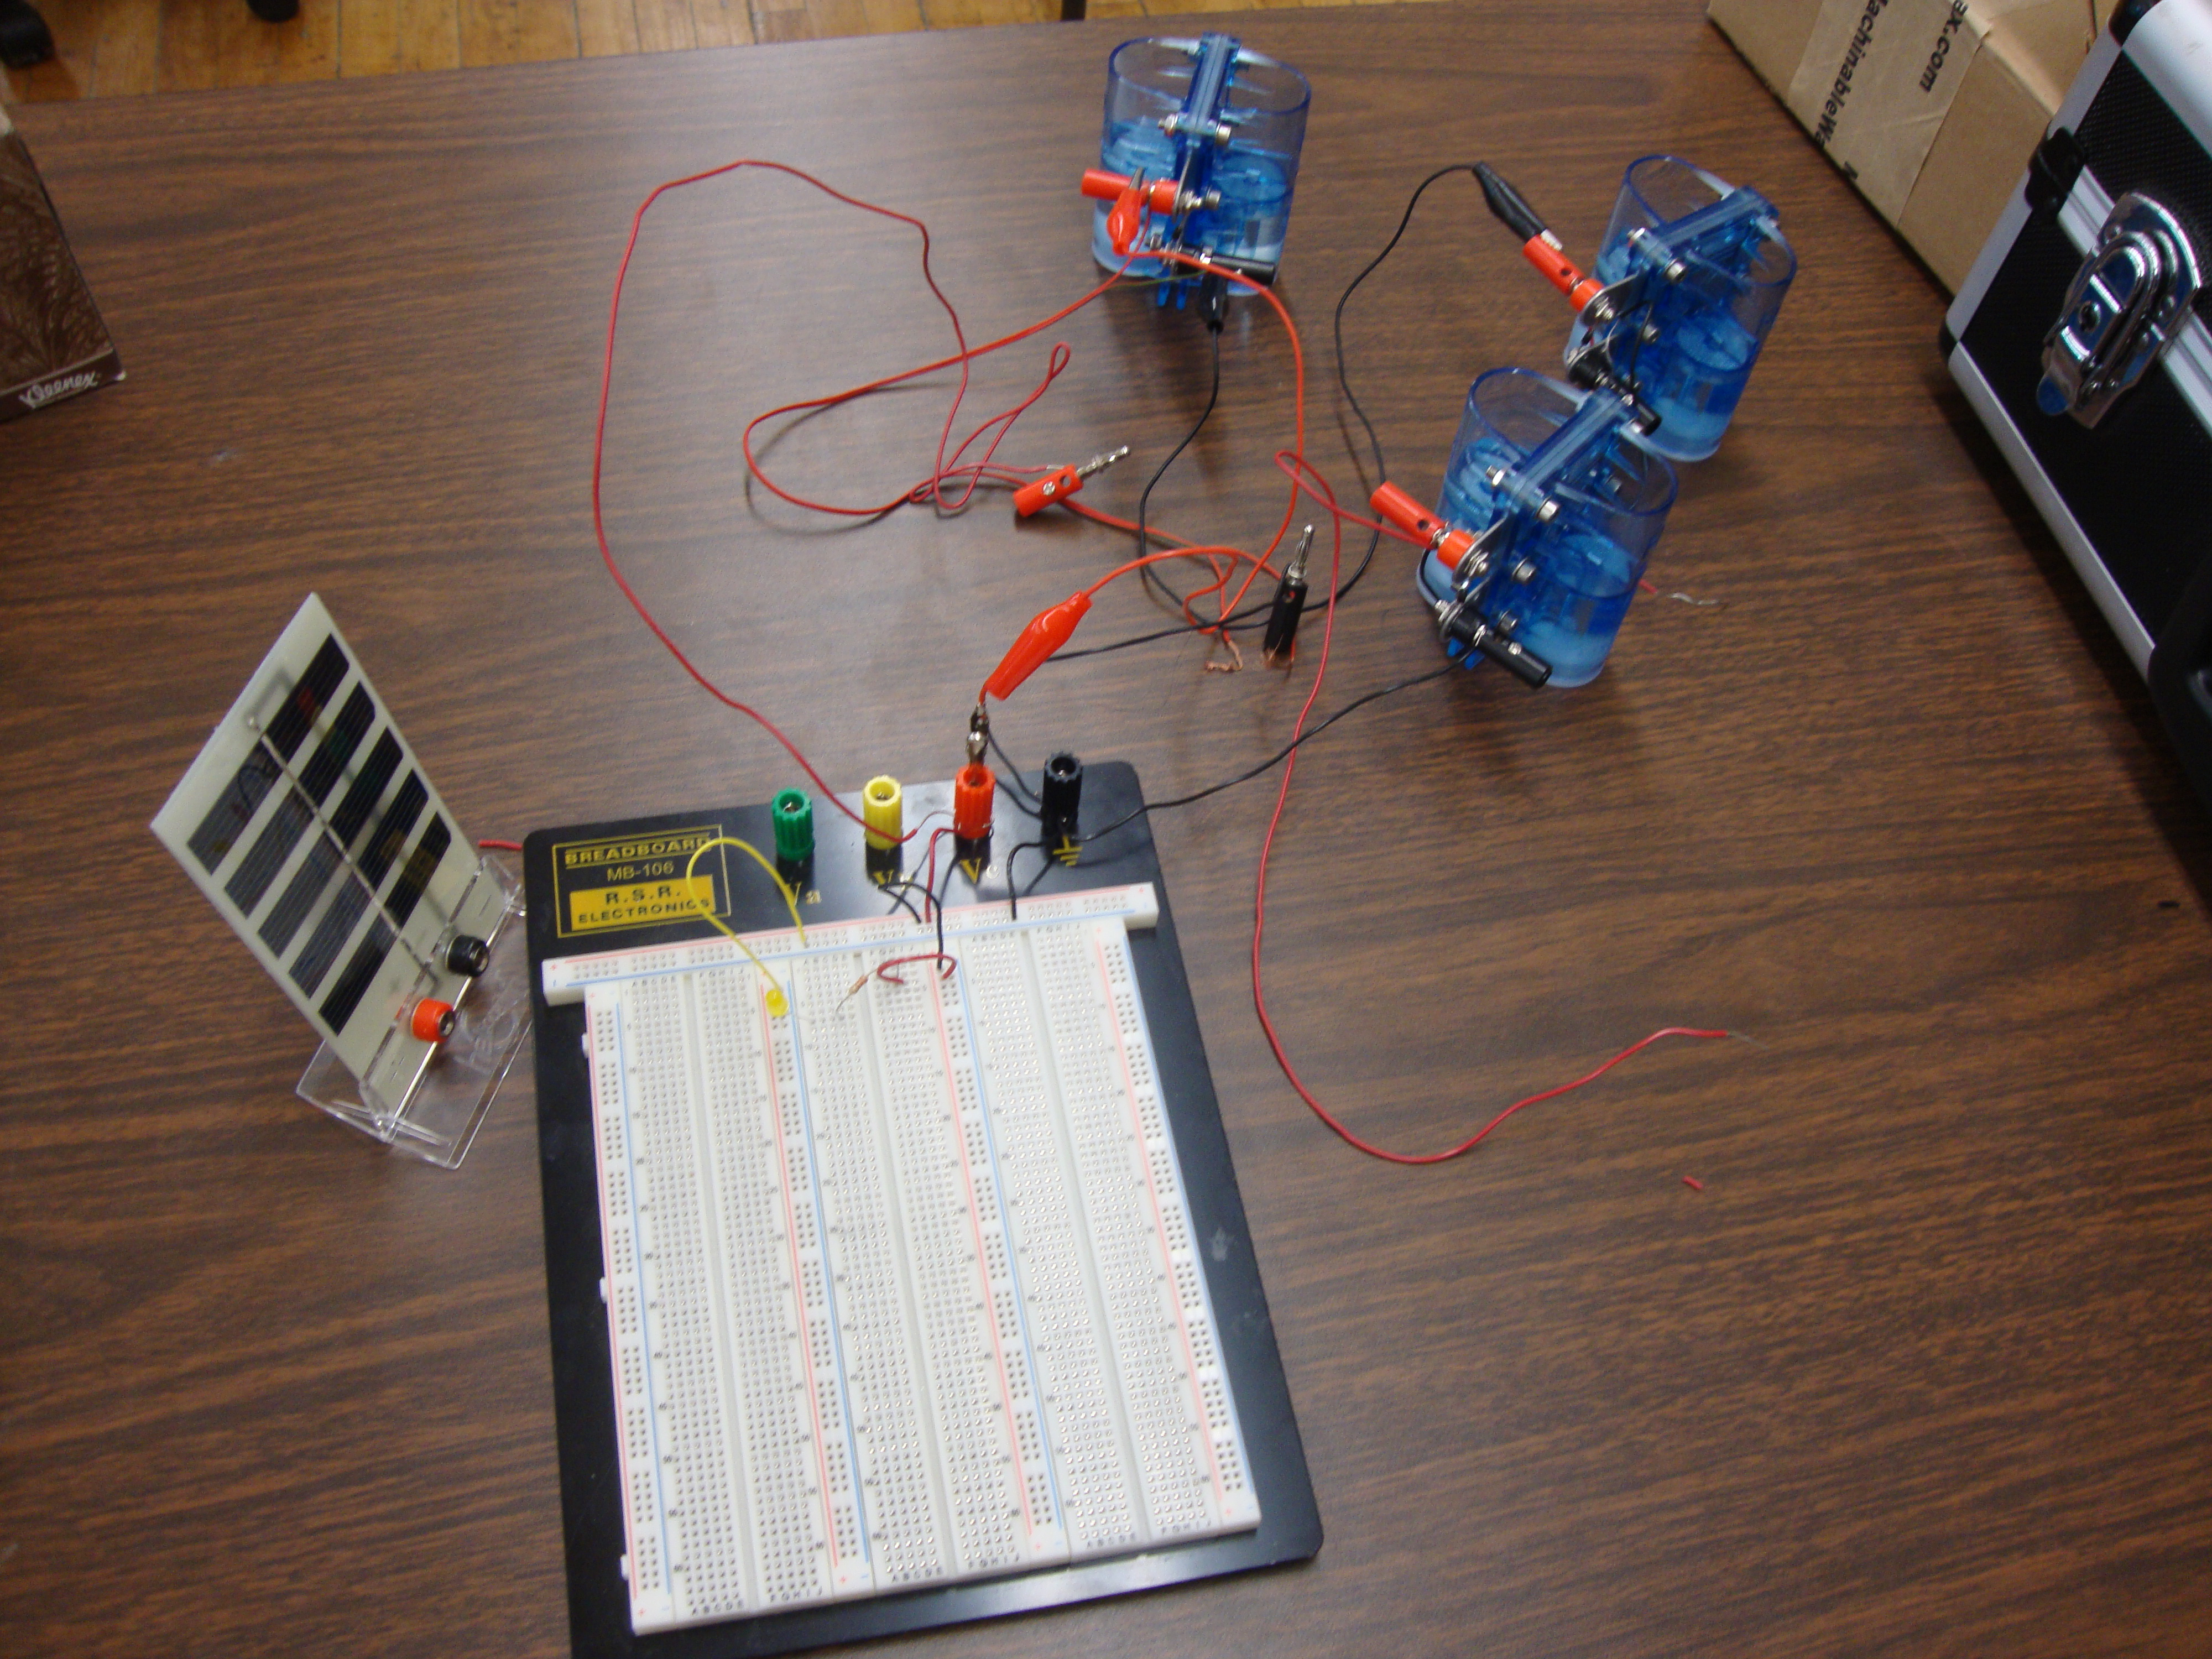 circuit poe maryland math madness  at honlapkeszites.co